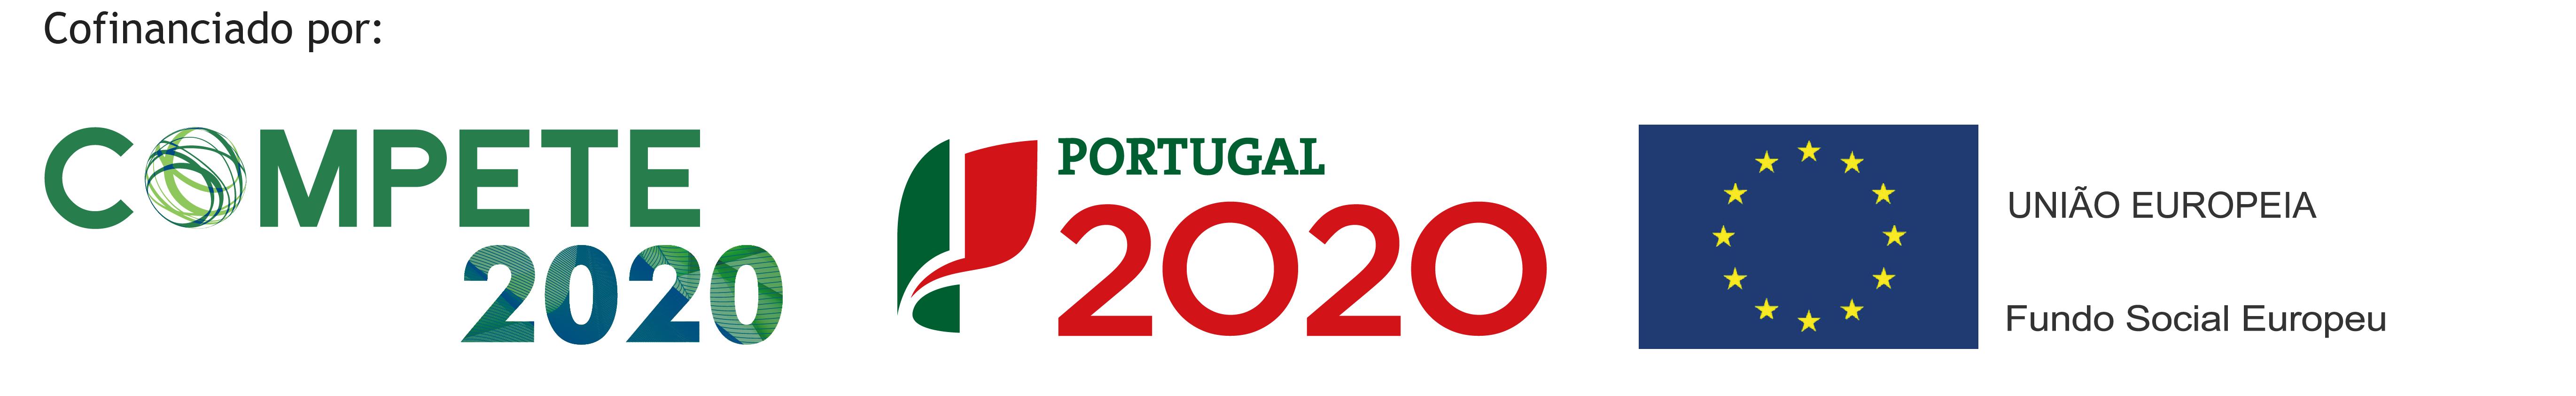 COMPETE 2020; Portugal 2020; UNIÃO EUROPEIA, Fundo Social Europeu